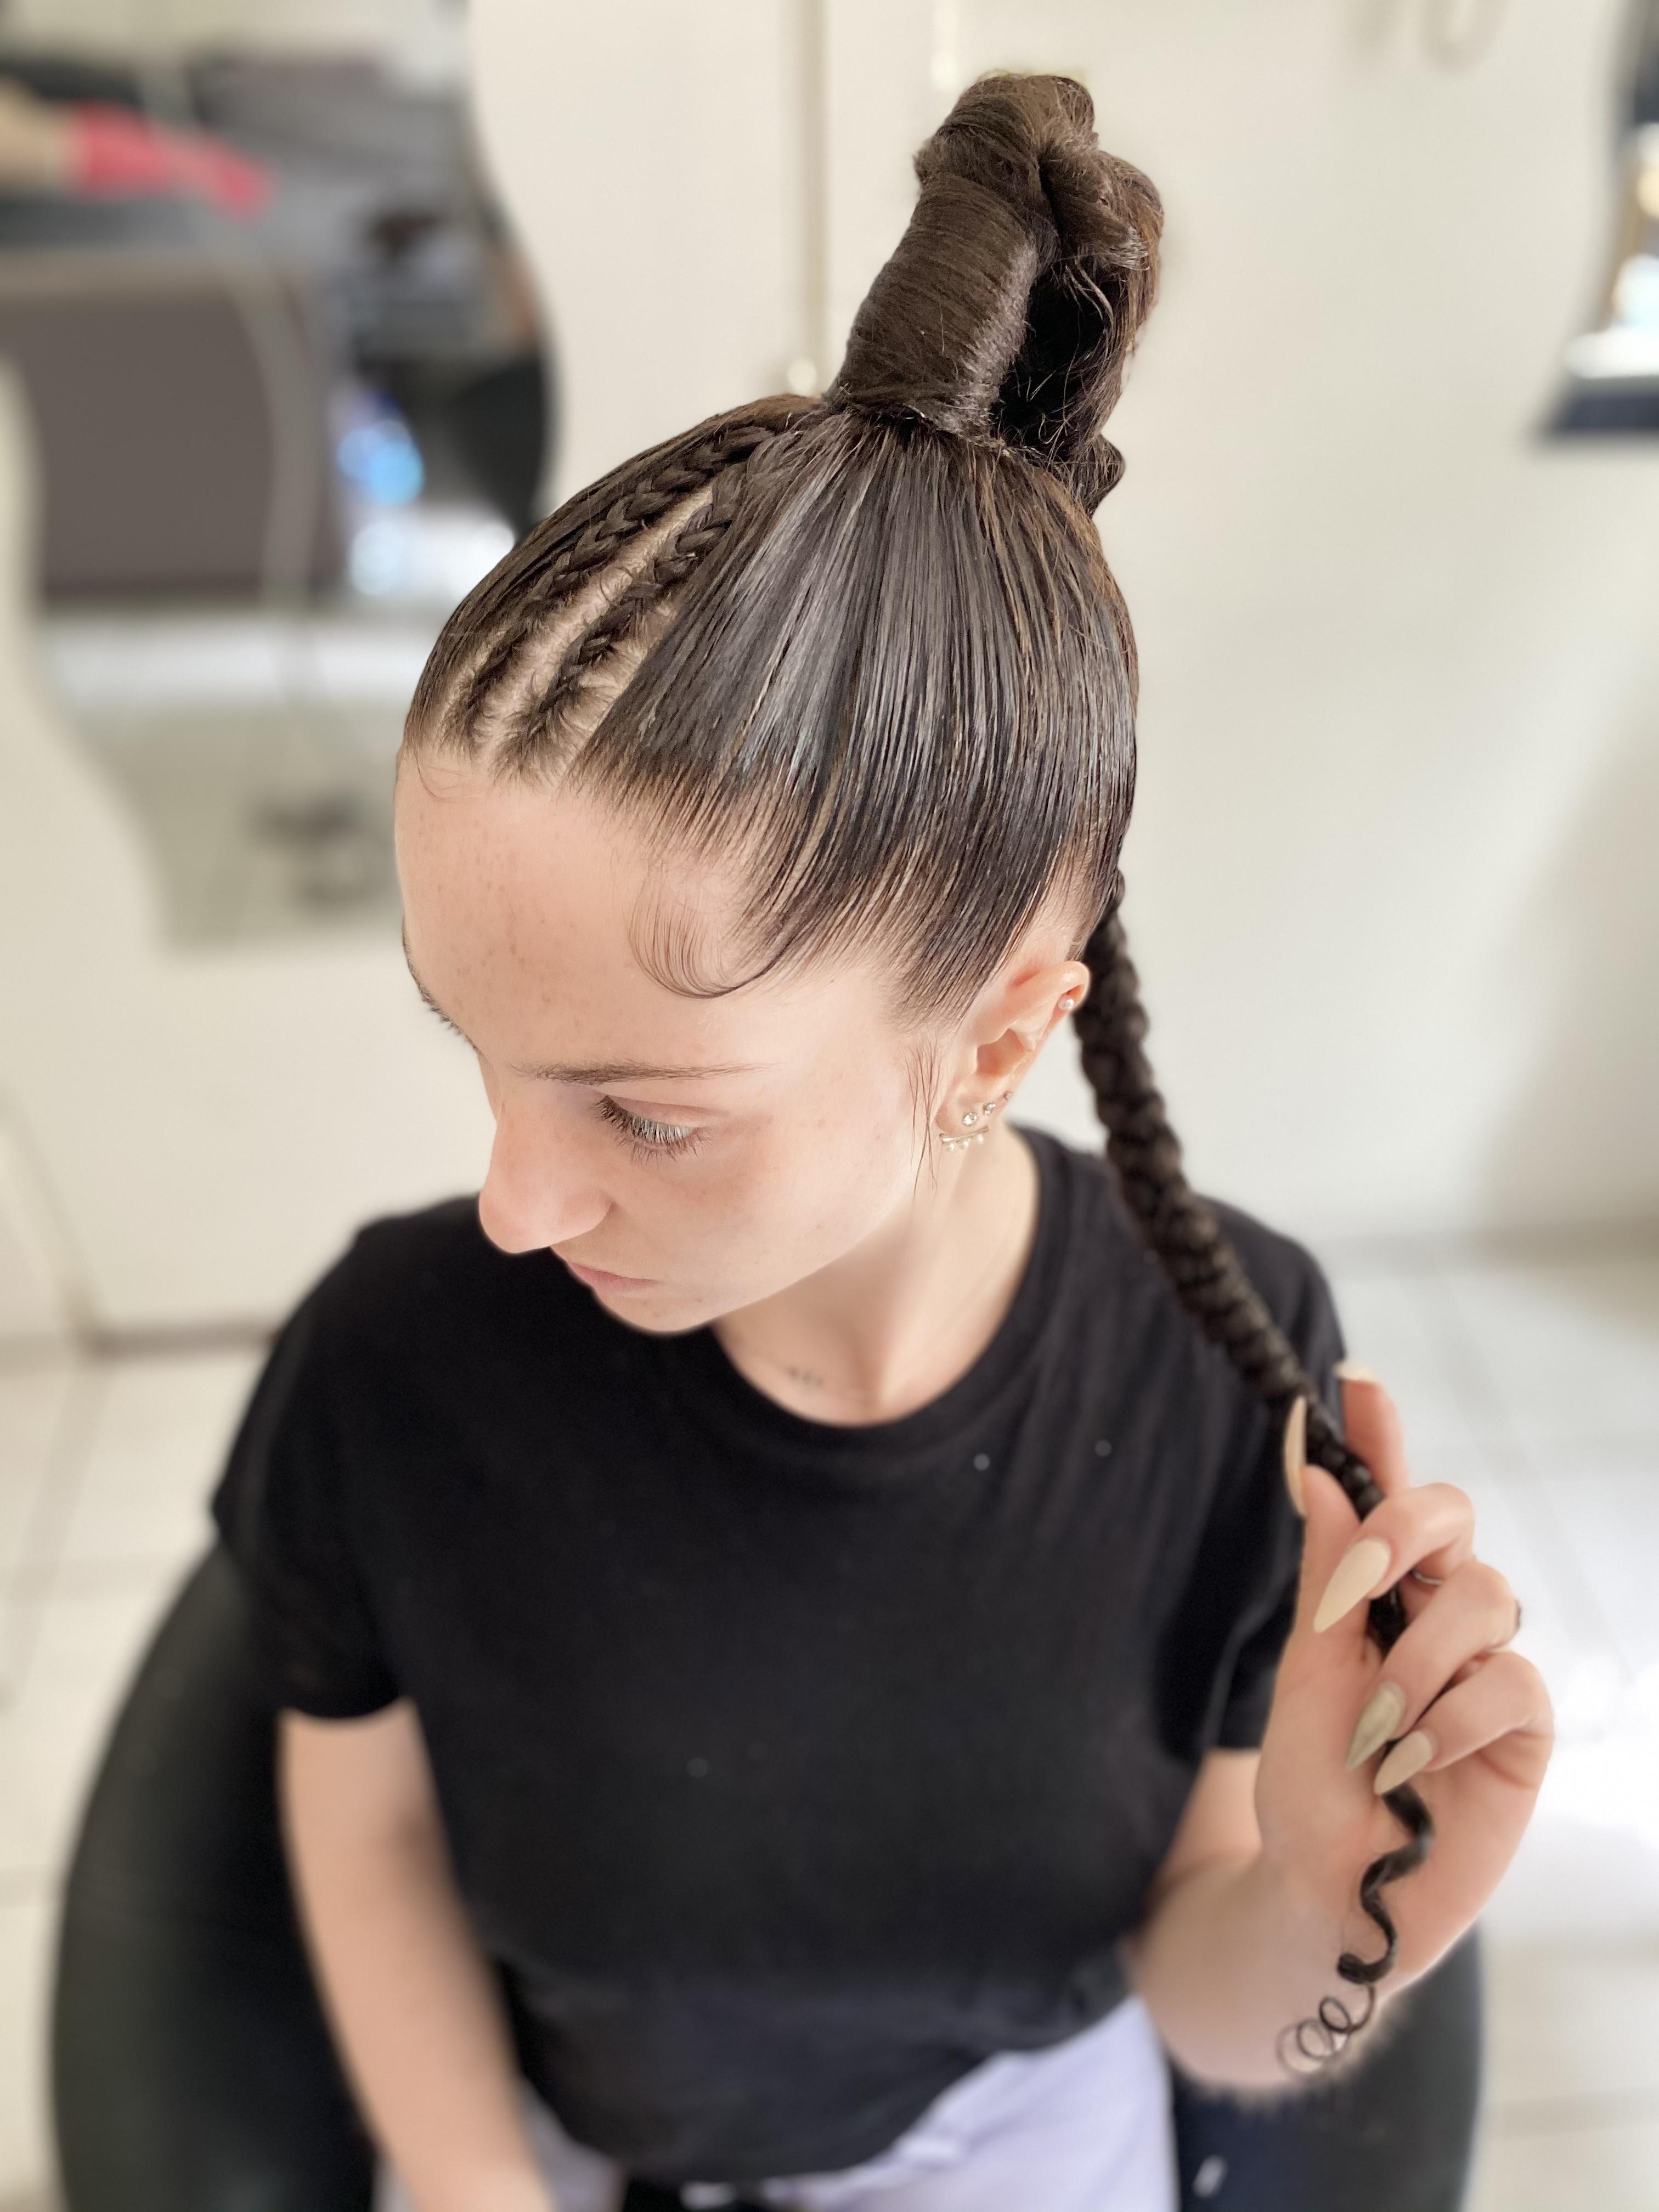 salon de coiffure afro tresse tresses box braids crochet braids vanilles tissages paris 75 77 78 91 92 93 94 95 XPOJHSLX